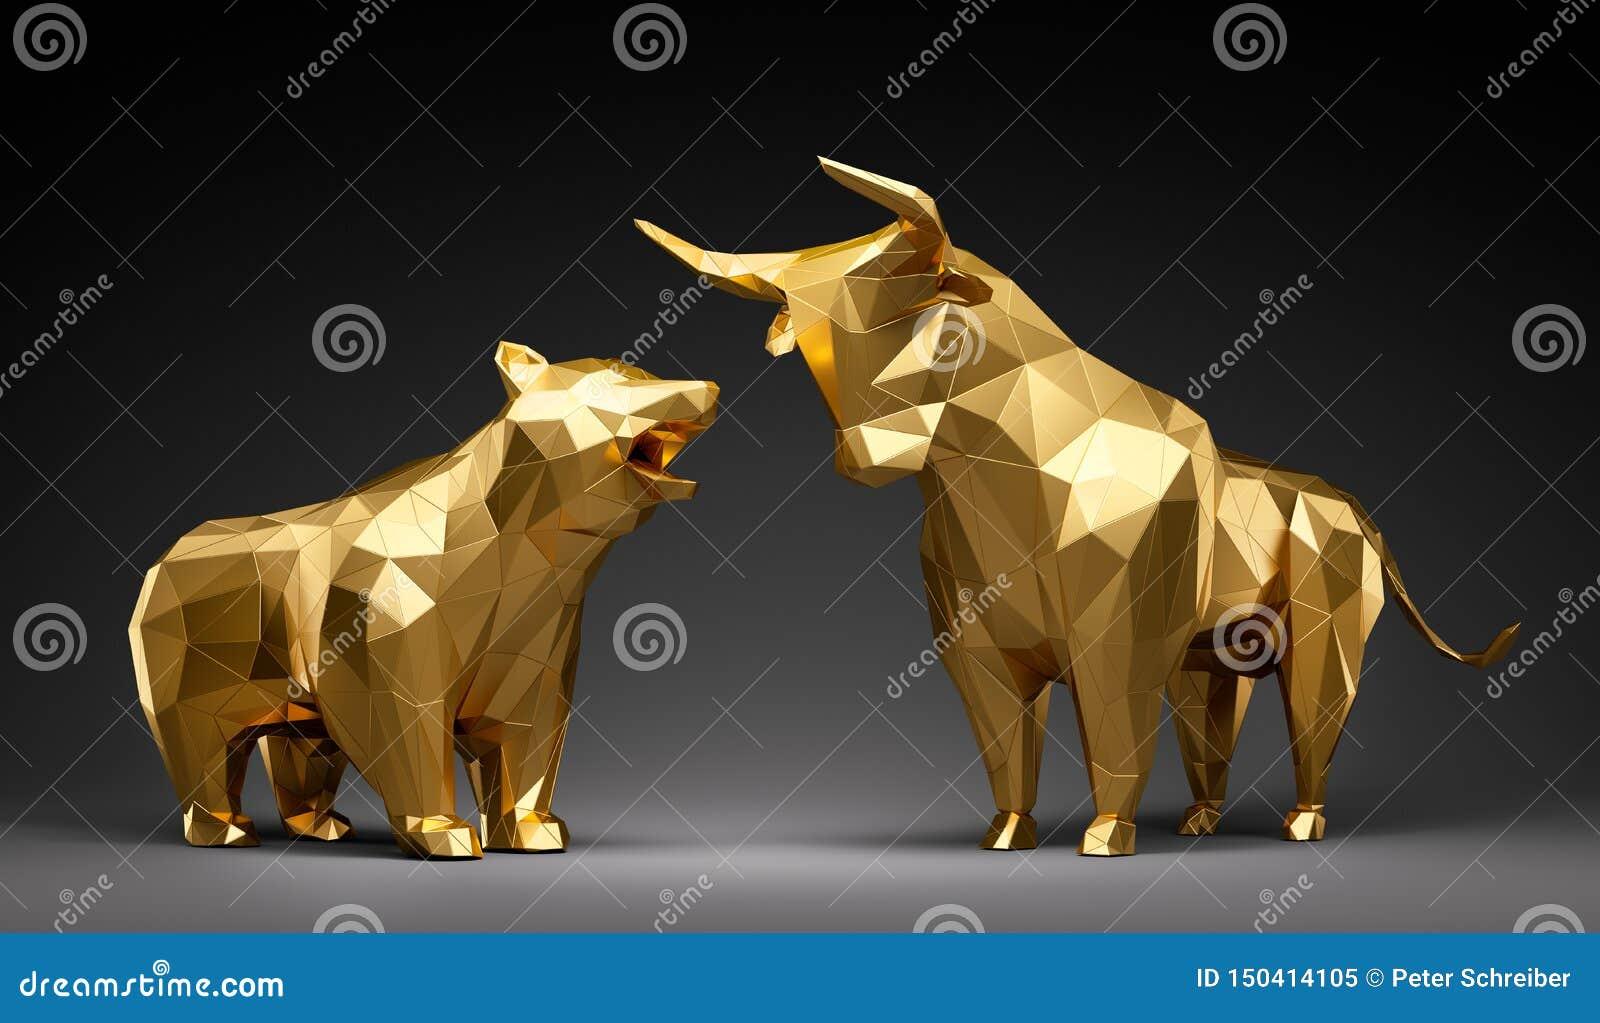 Złoty byk i niedźwiedź